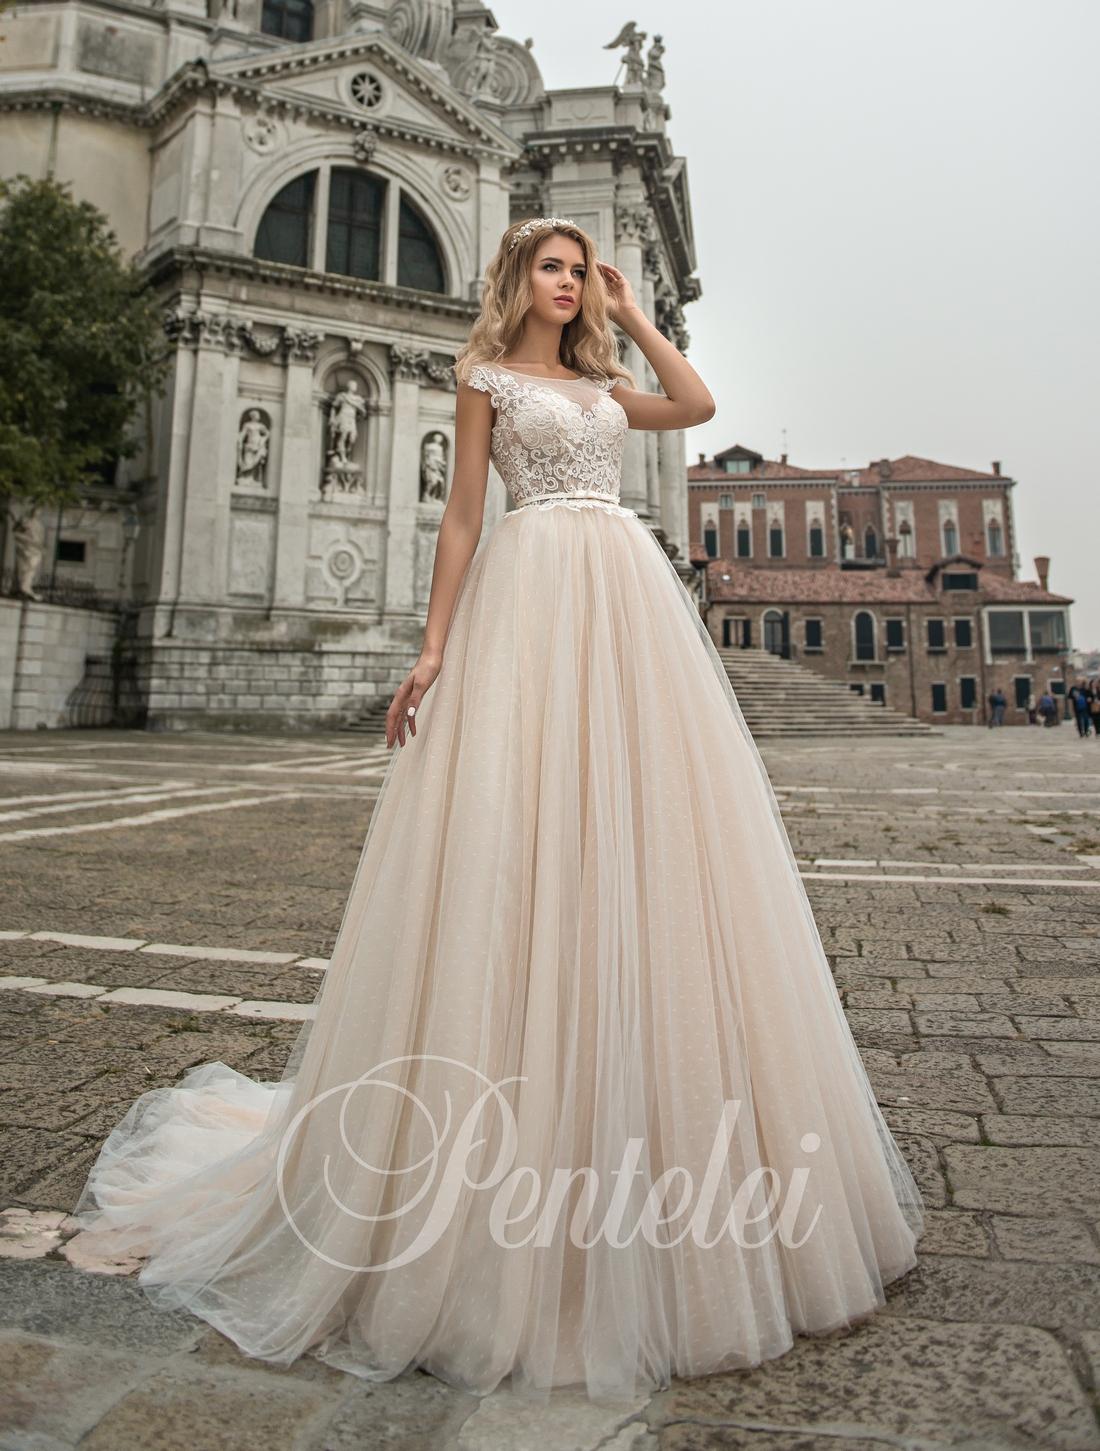 Свадебное платье айвори с кружевом от Pentelei оптом